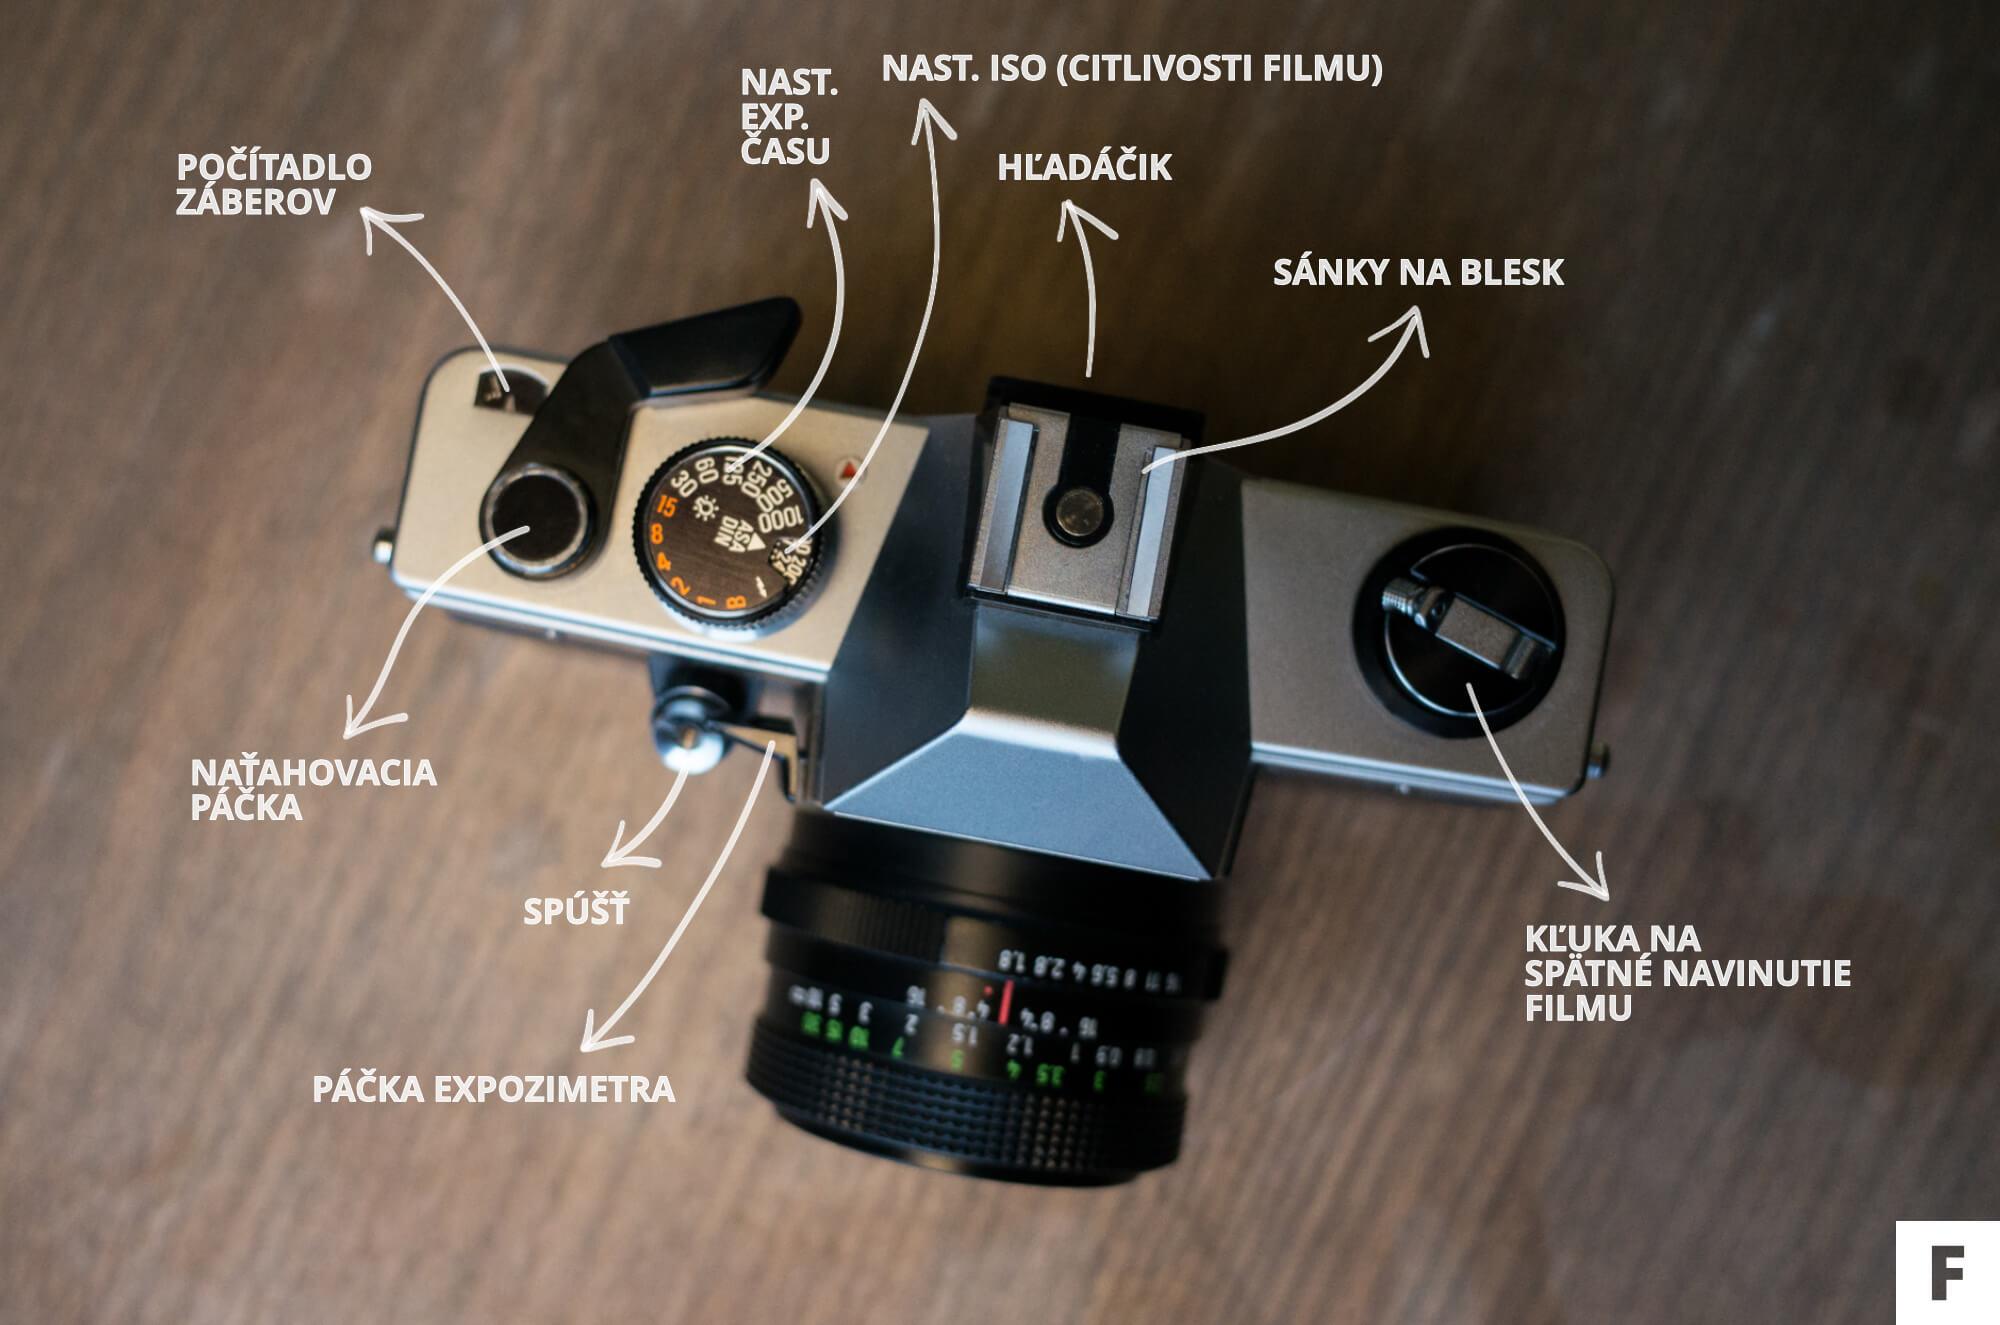 Praktica MTL5B, jednoduchá začiatočnícka zrkadlovka na film, Fotímnafilm.sk recenzia